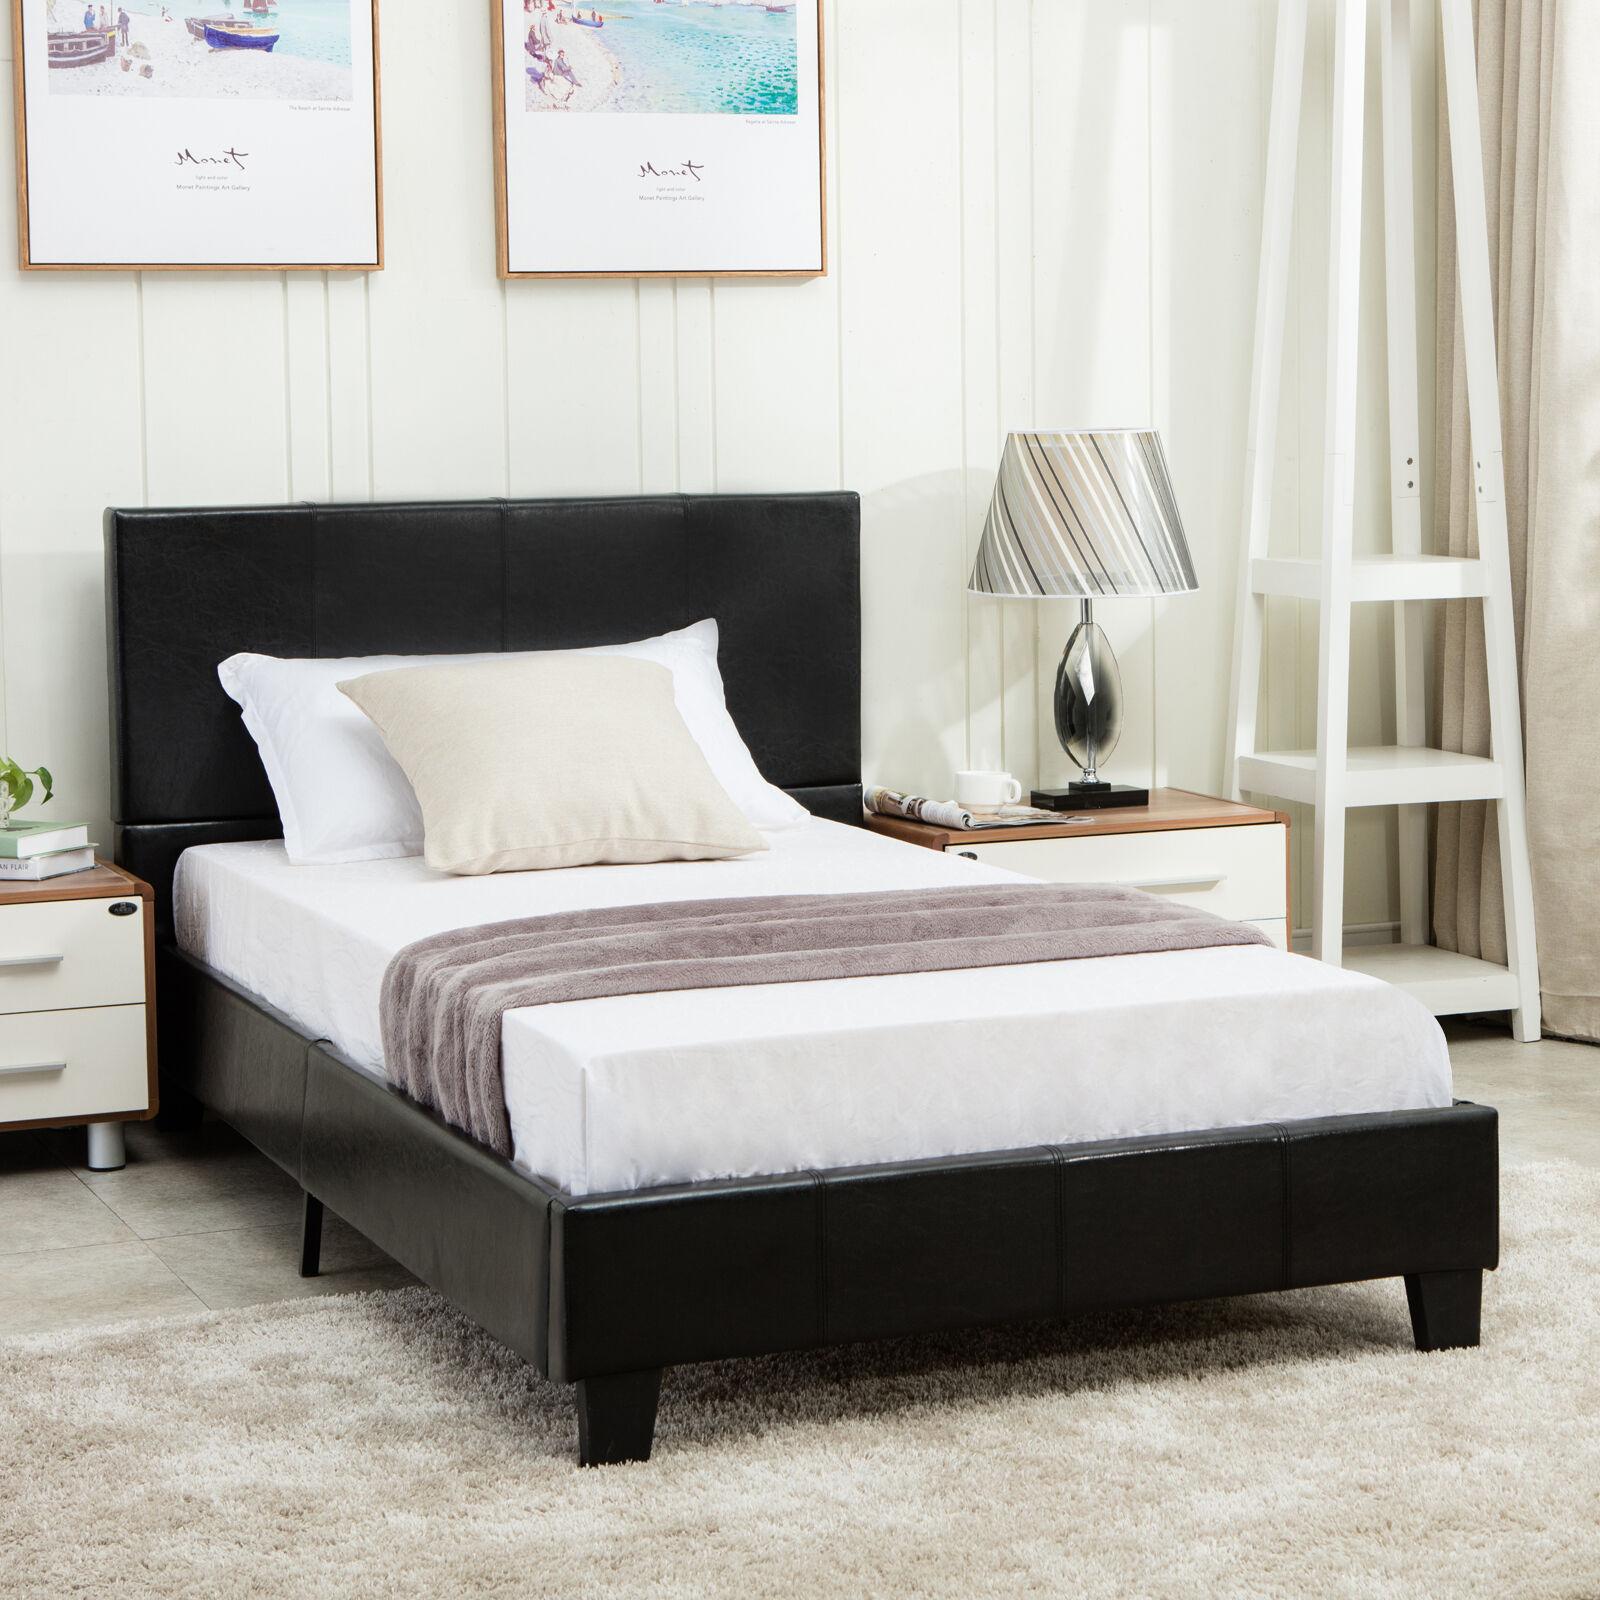 Twin Size Faux Leather Platform Bed Frame Slats Upholstered Headboard Bedroom